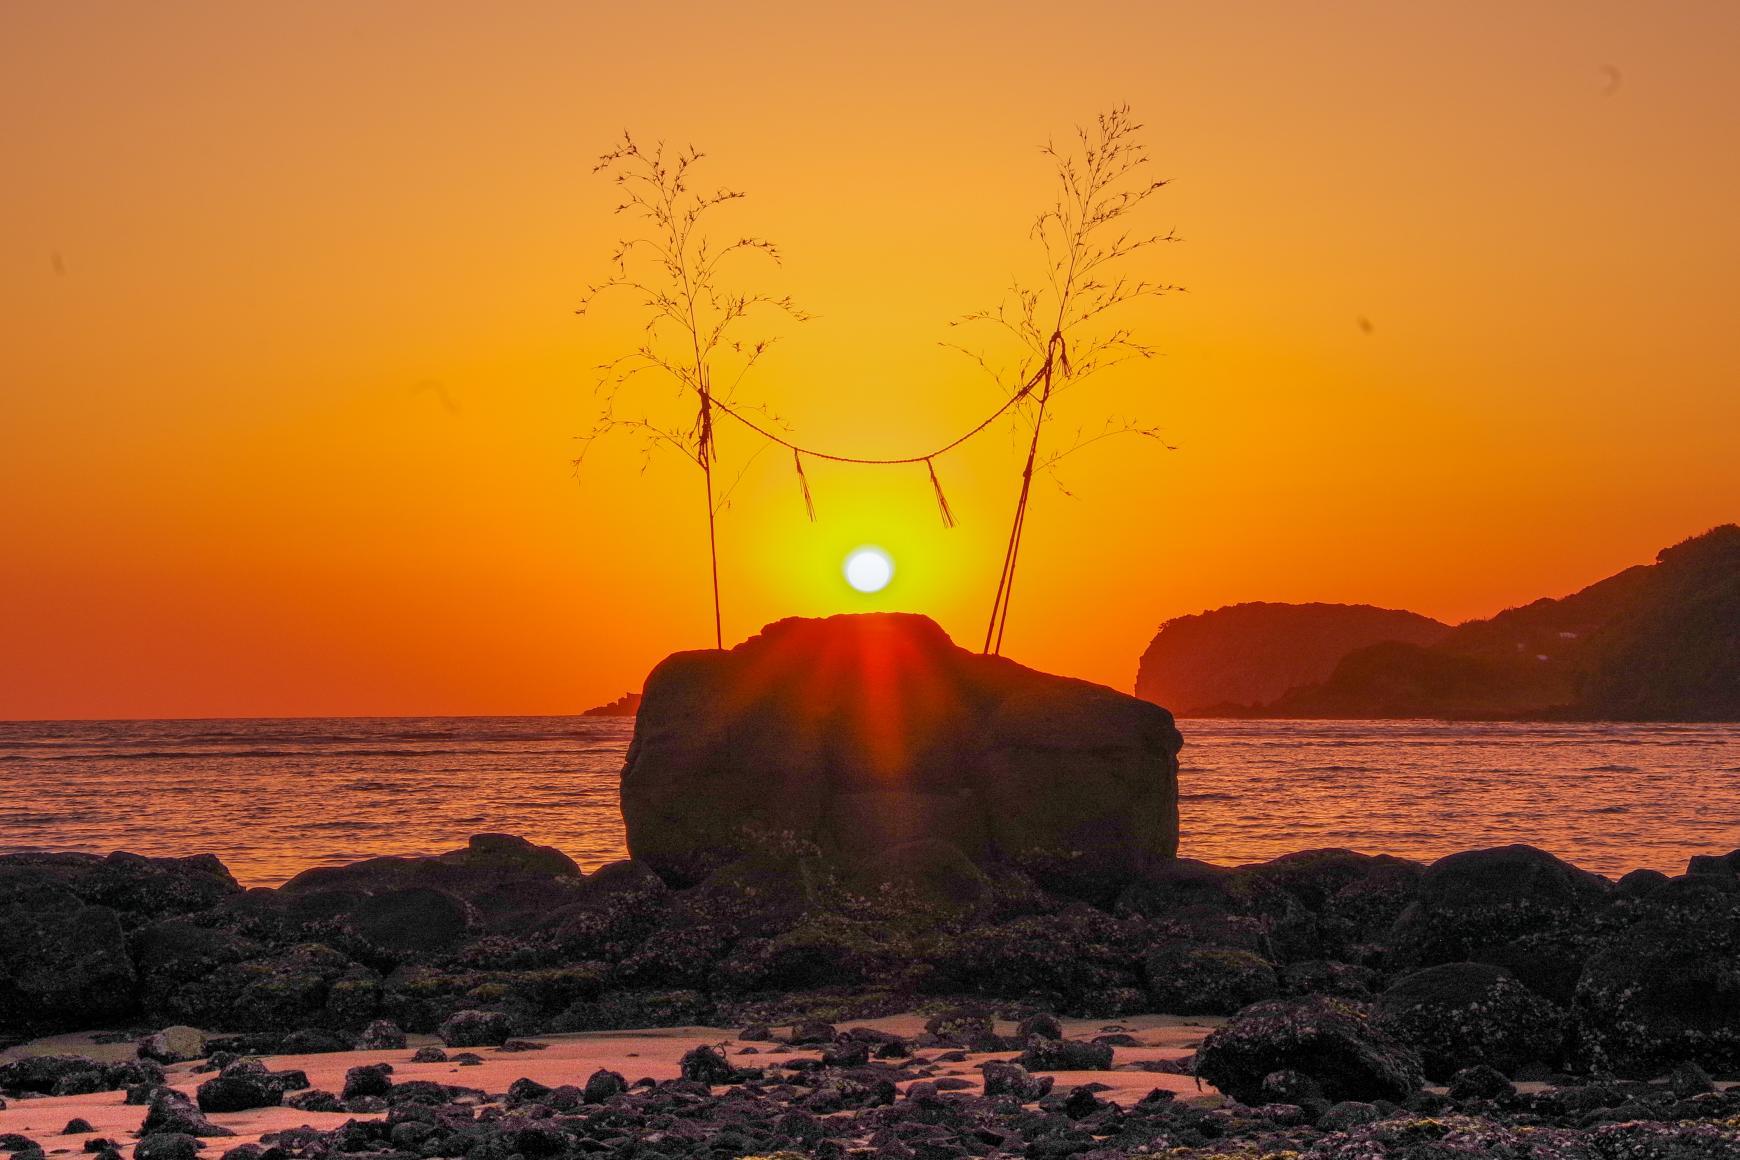 ロマンチックな夕日を見るなら「里浜海水浴場」-1